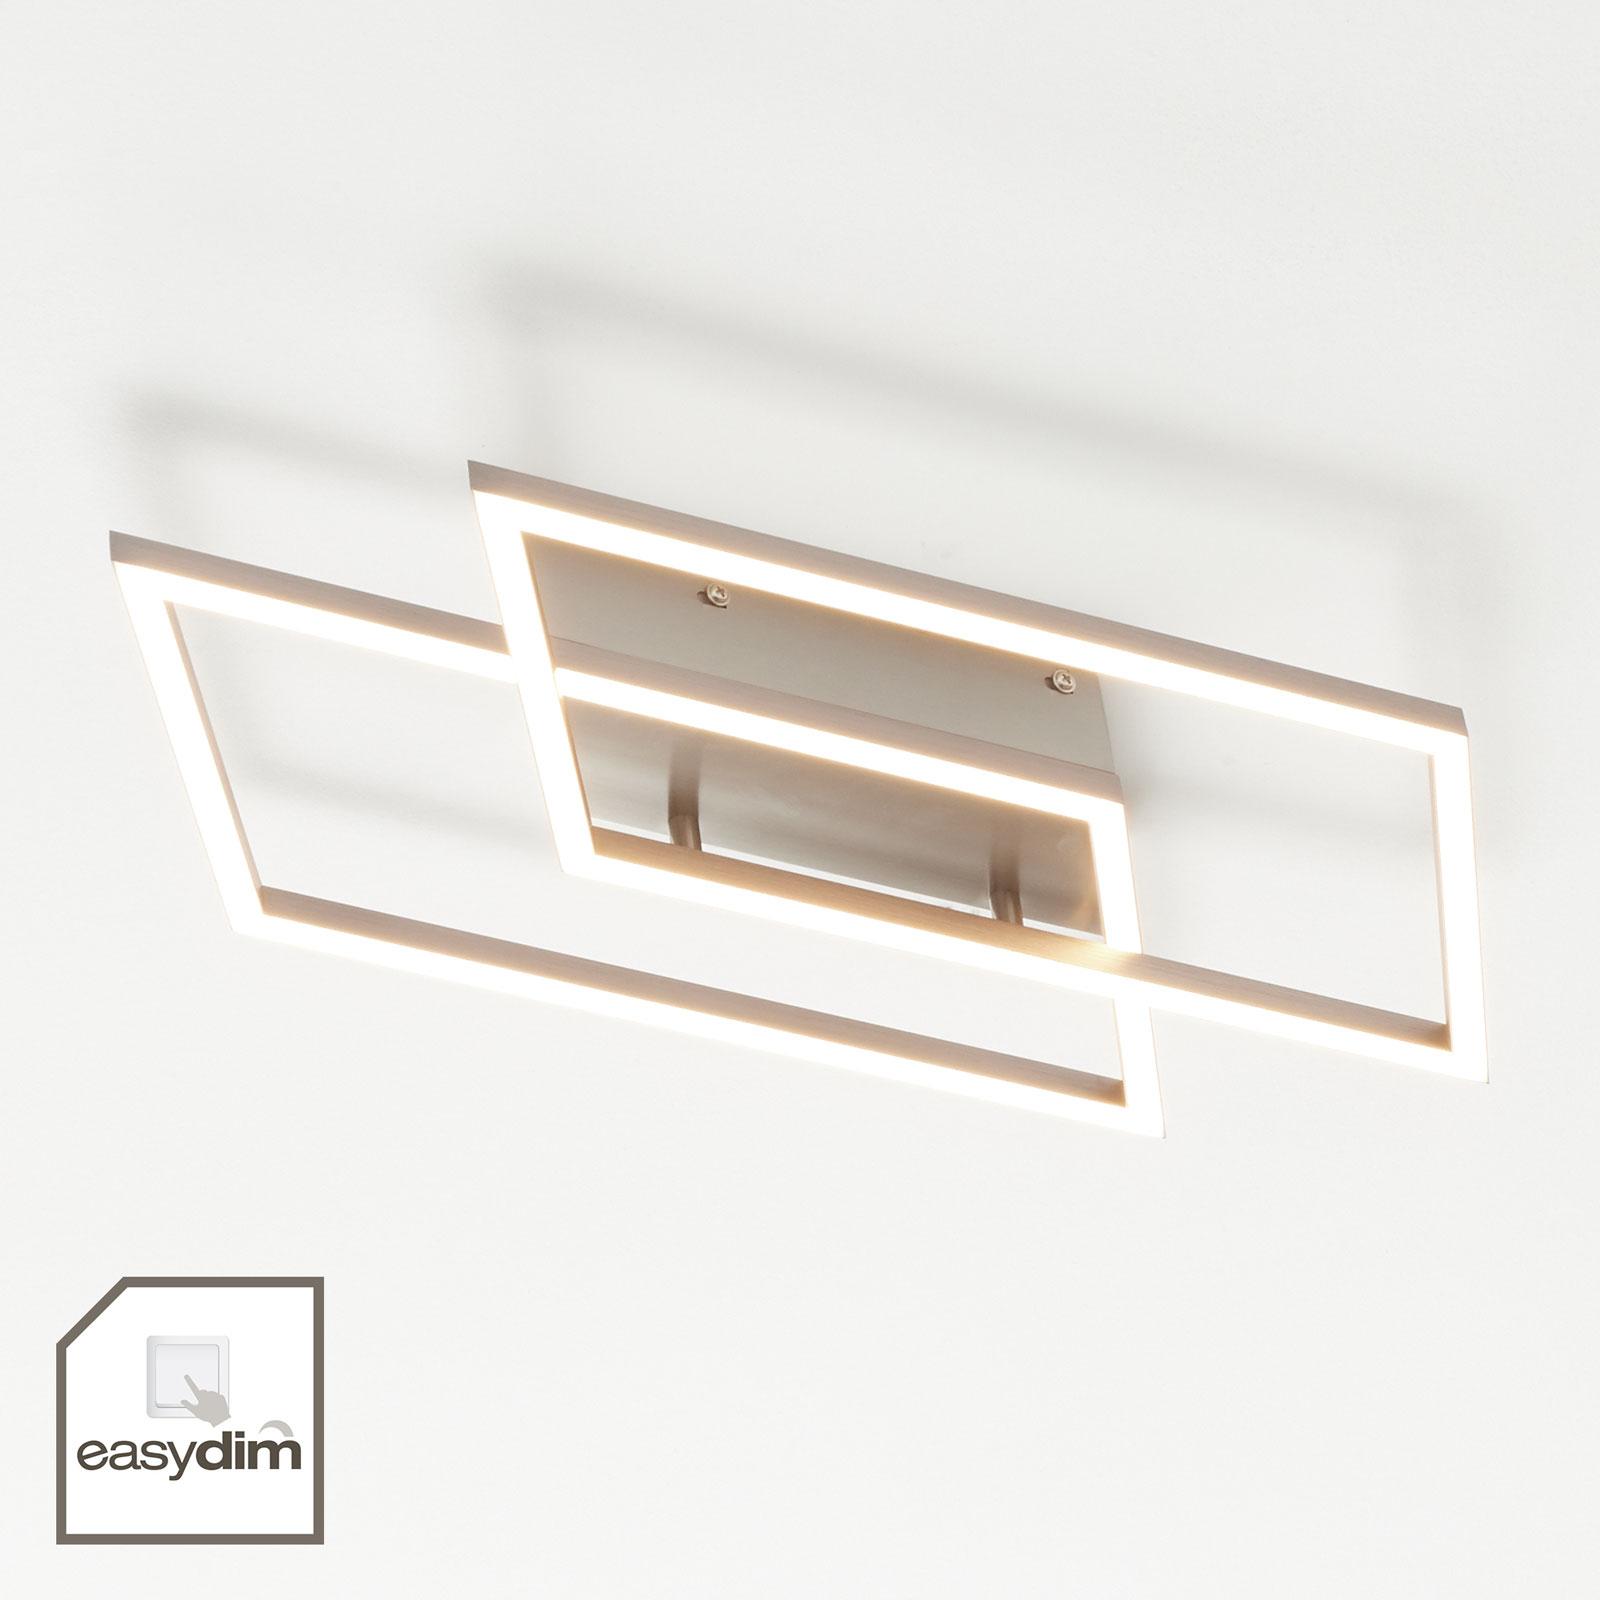 LED plafondlamp Inigo met twee lampjes